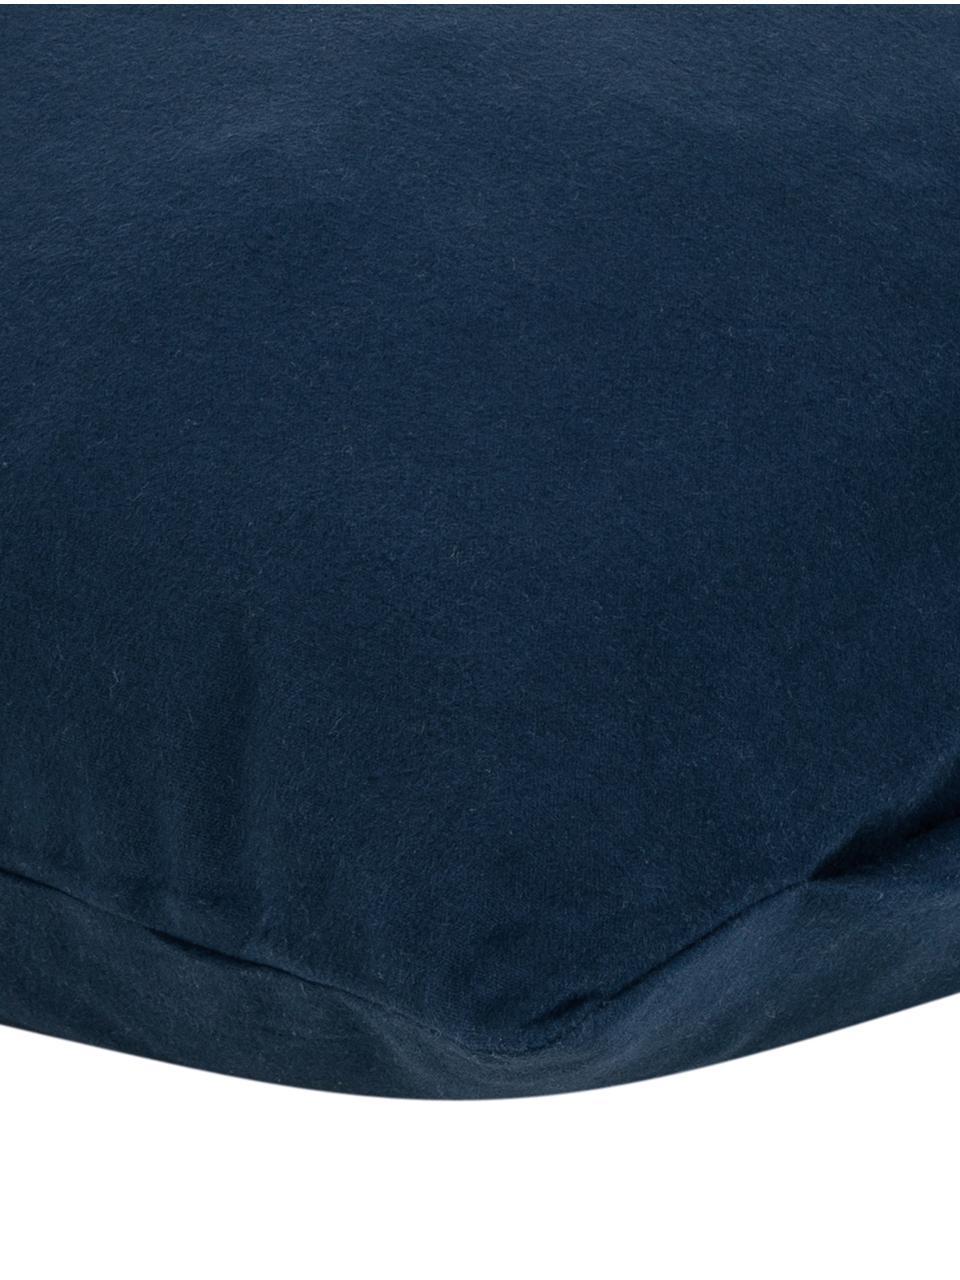 Flanell-Kissenbezüge Biba in Navyblau, 2 Stück, Webart: Flanell Flanell ist ein k, Navyblau, 40 x 80 cm